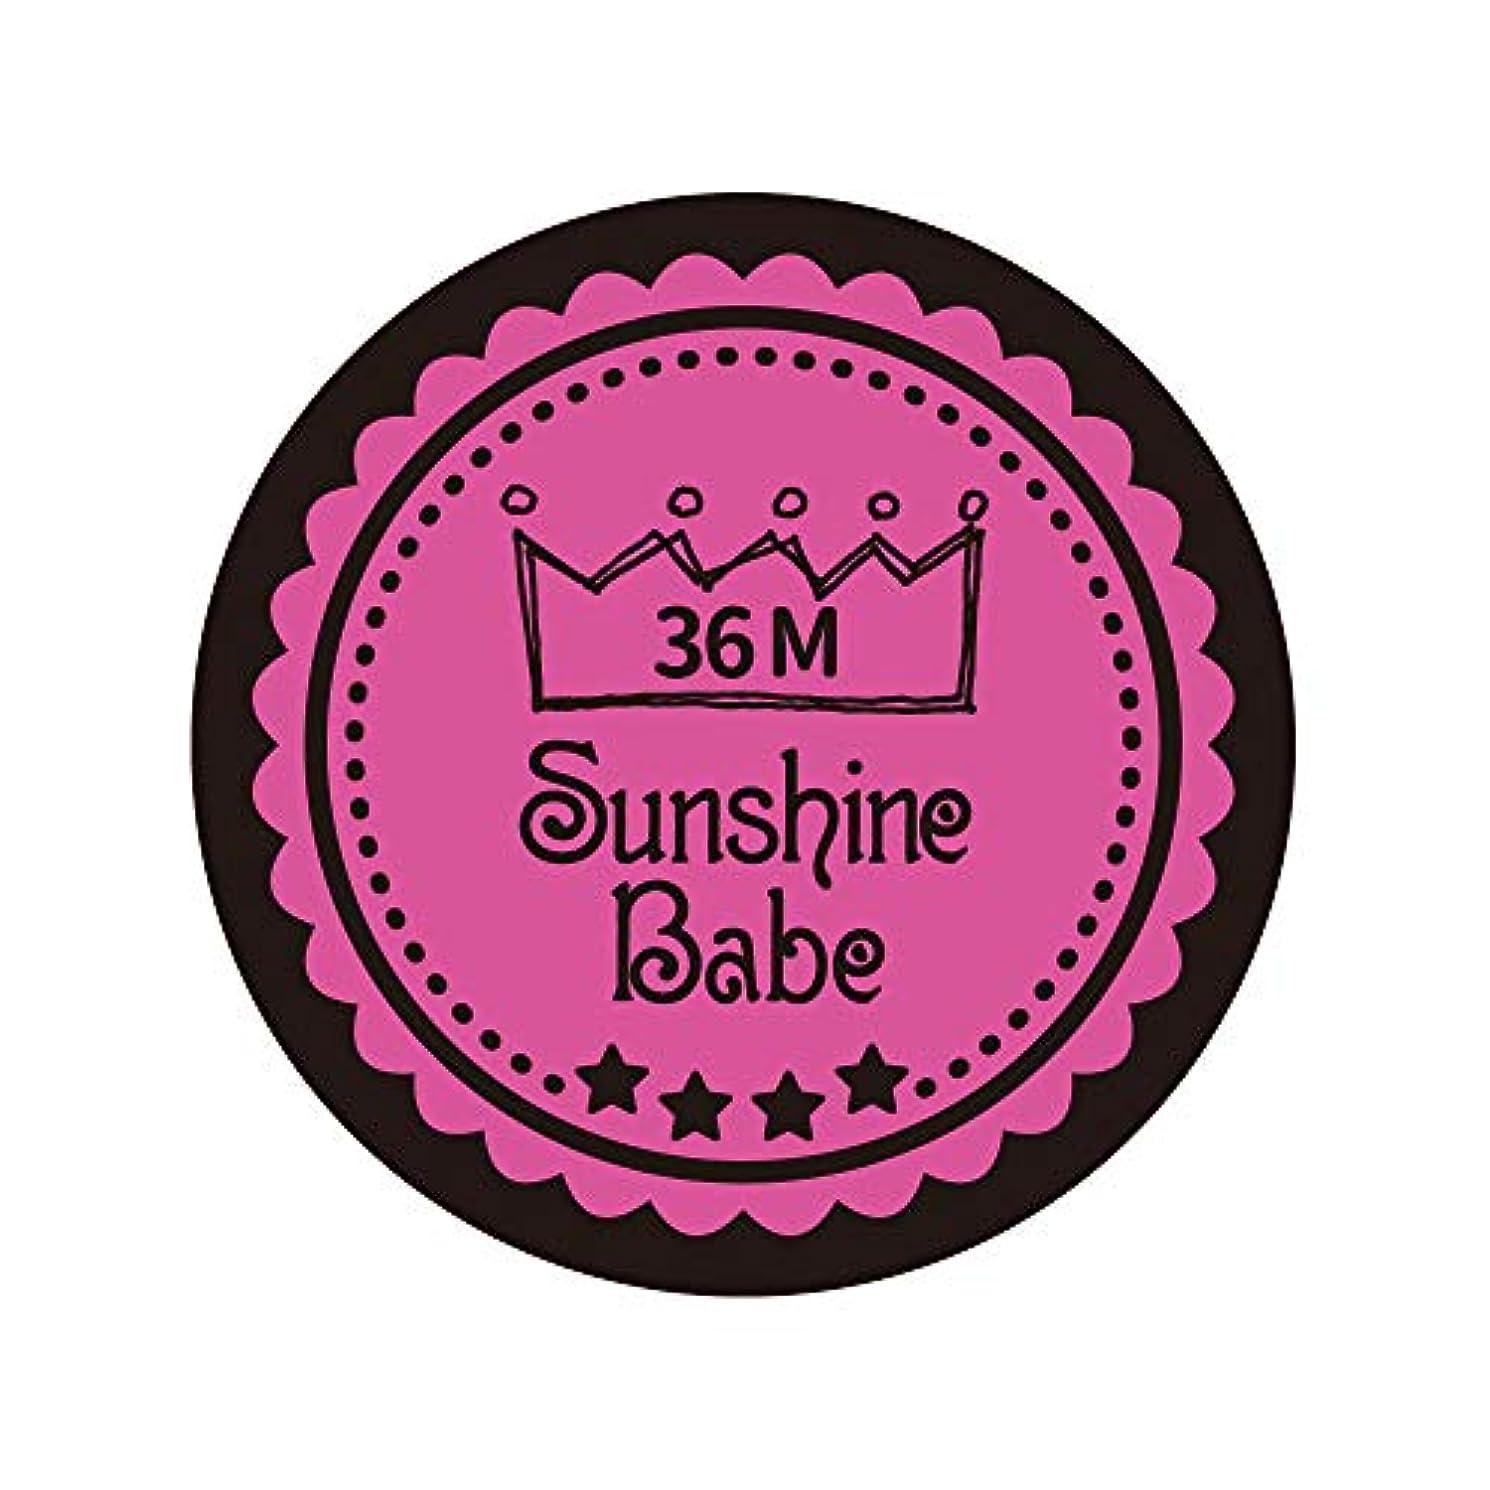 抜粋なのでブルゴーニュSunshine Babe カラージェル 36M クロッカスピンク 4g UV/LED対応